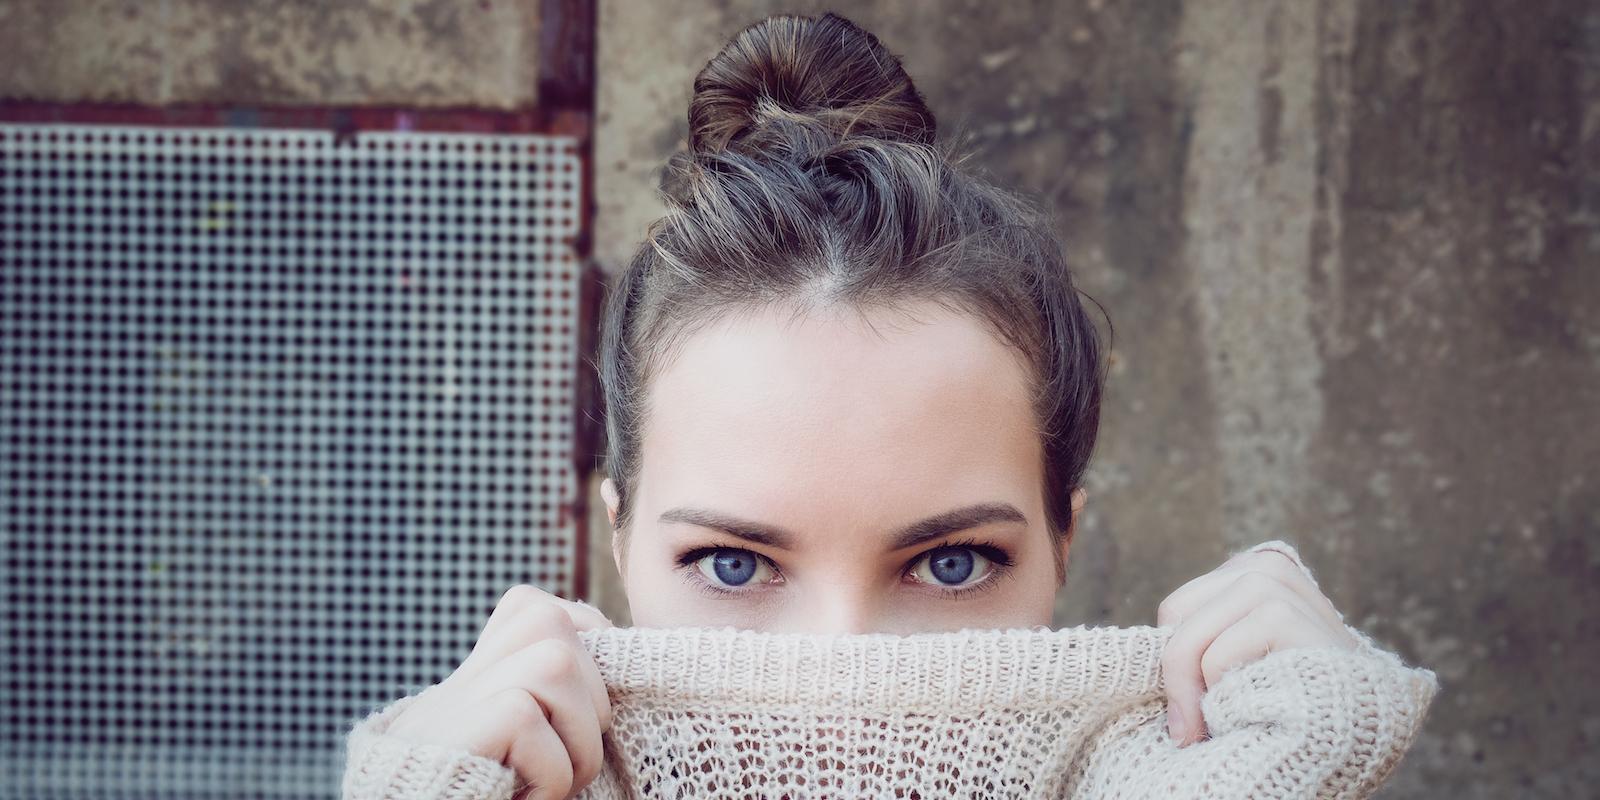 Kroky ke správné péči o pokožku